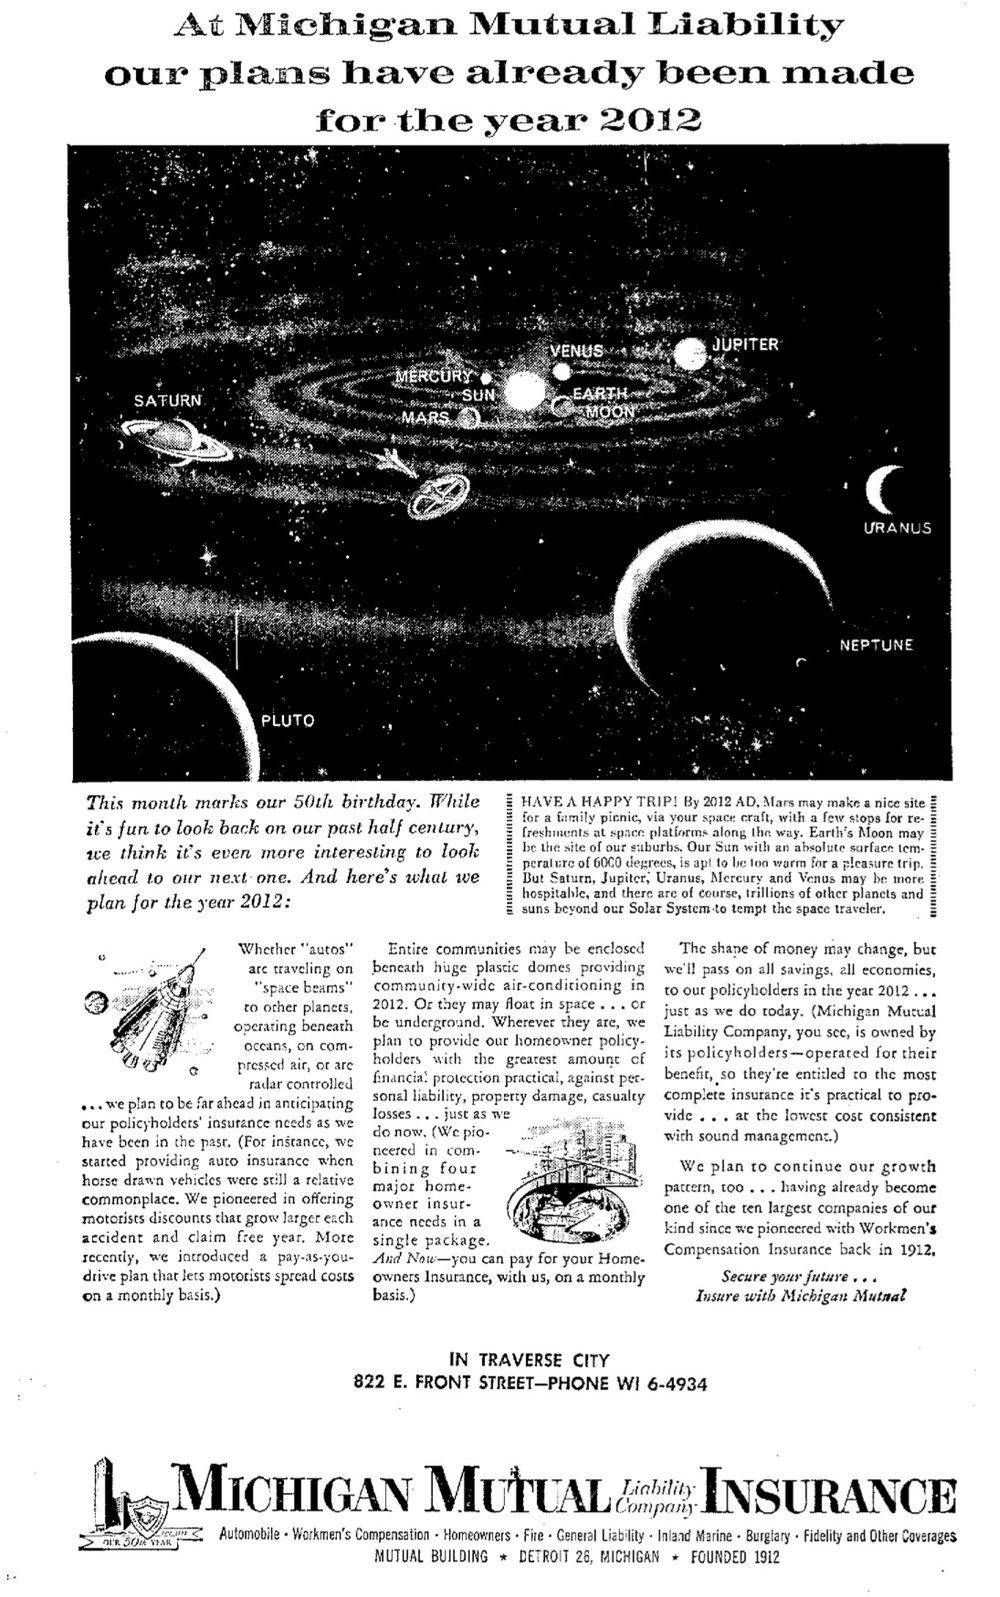 1962 Sept 12 Record-Eagle - Traverse City MI full paleofuture.jpg